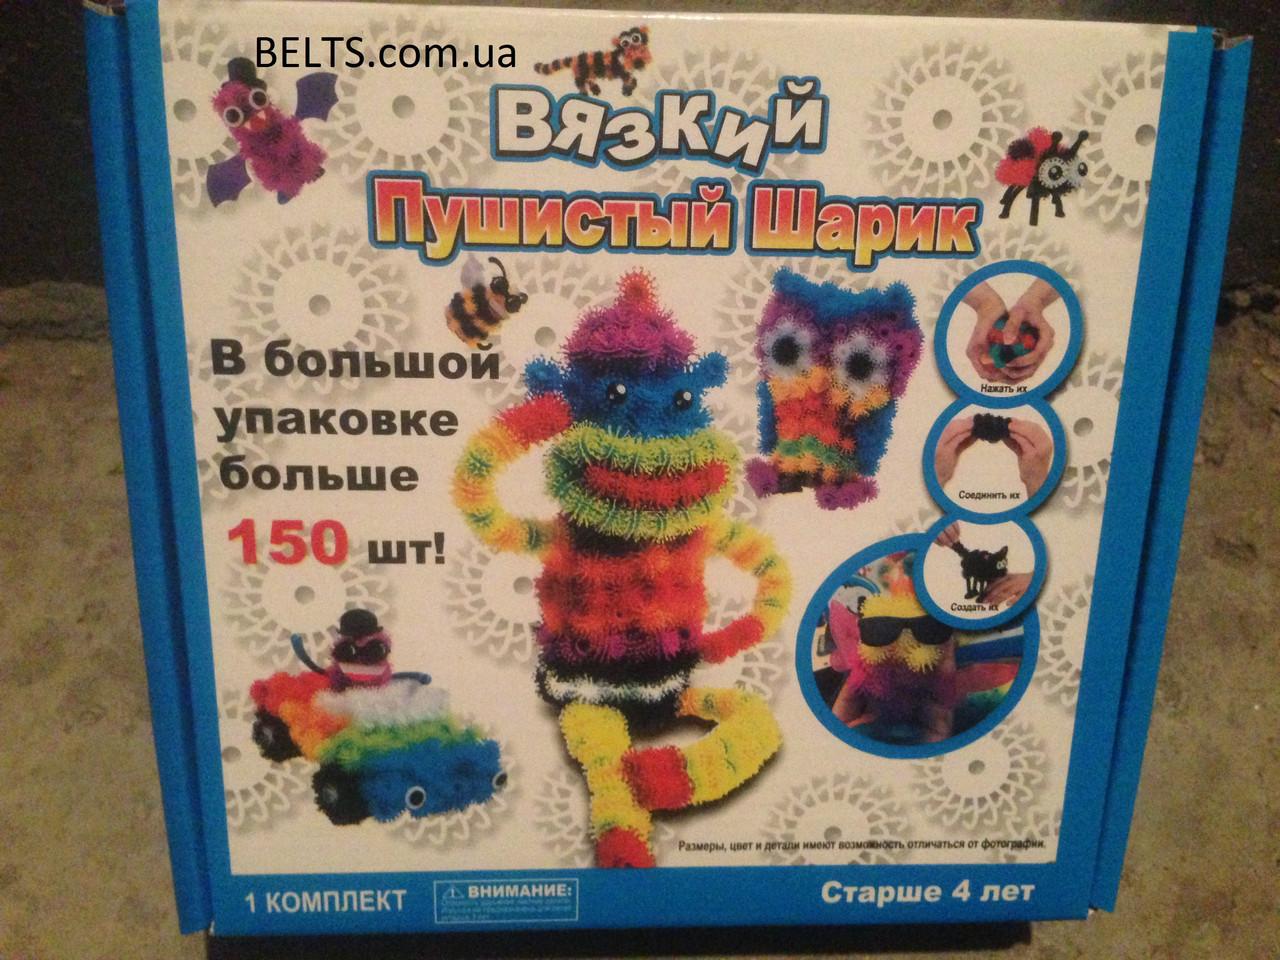 Конструктор - липучка (аналог Банчемс Вязкий пушистый шарик 400 предметов)